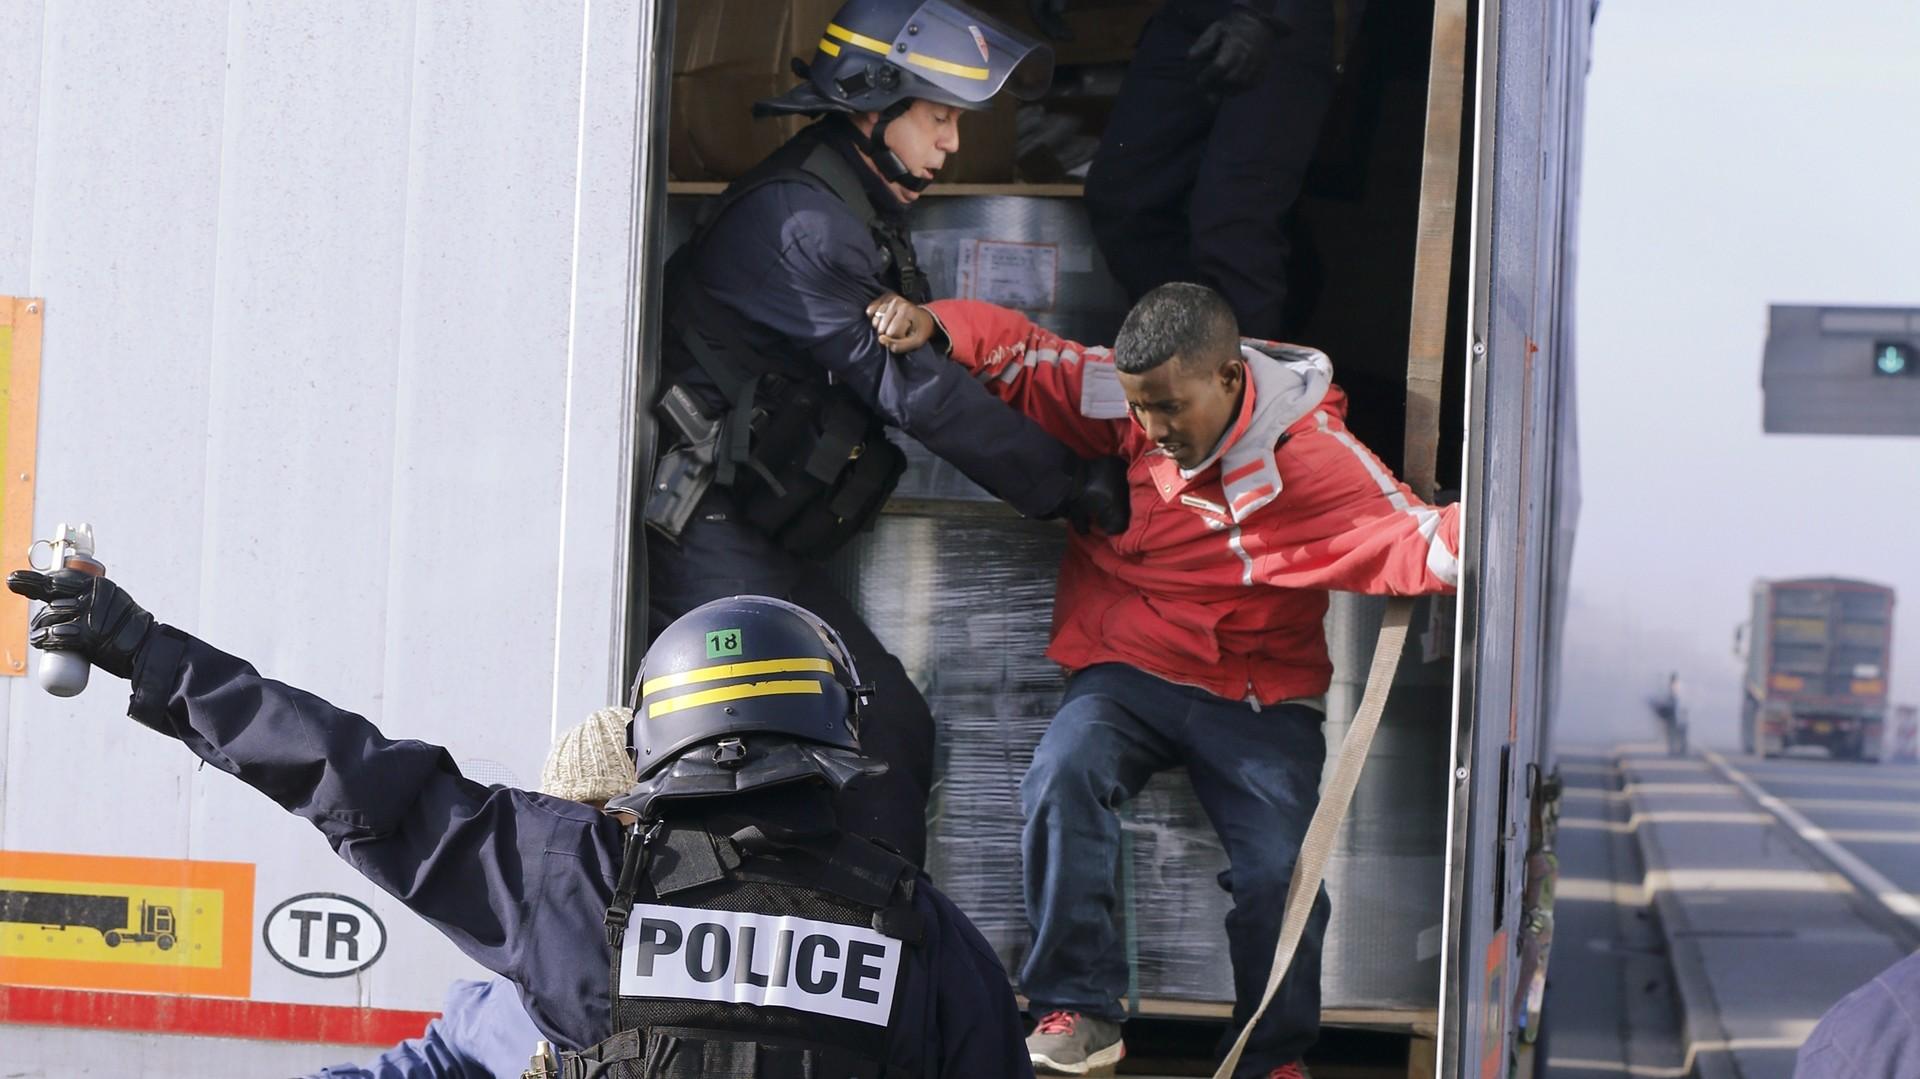 La police fouille des camions pour trouver des migrants qui veulent traverser la frontière